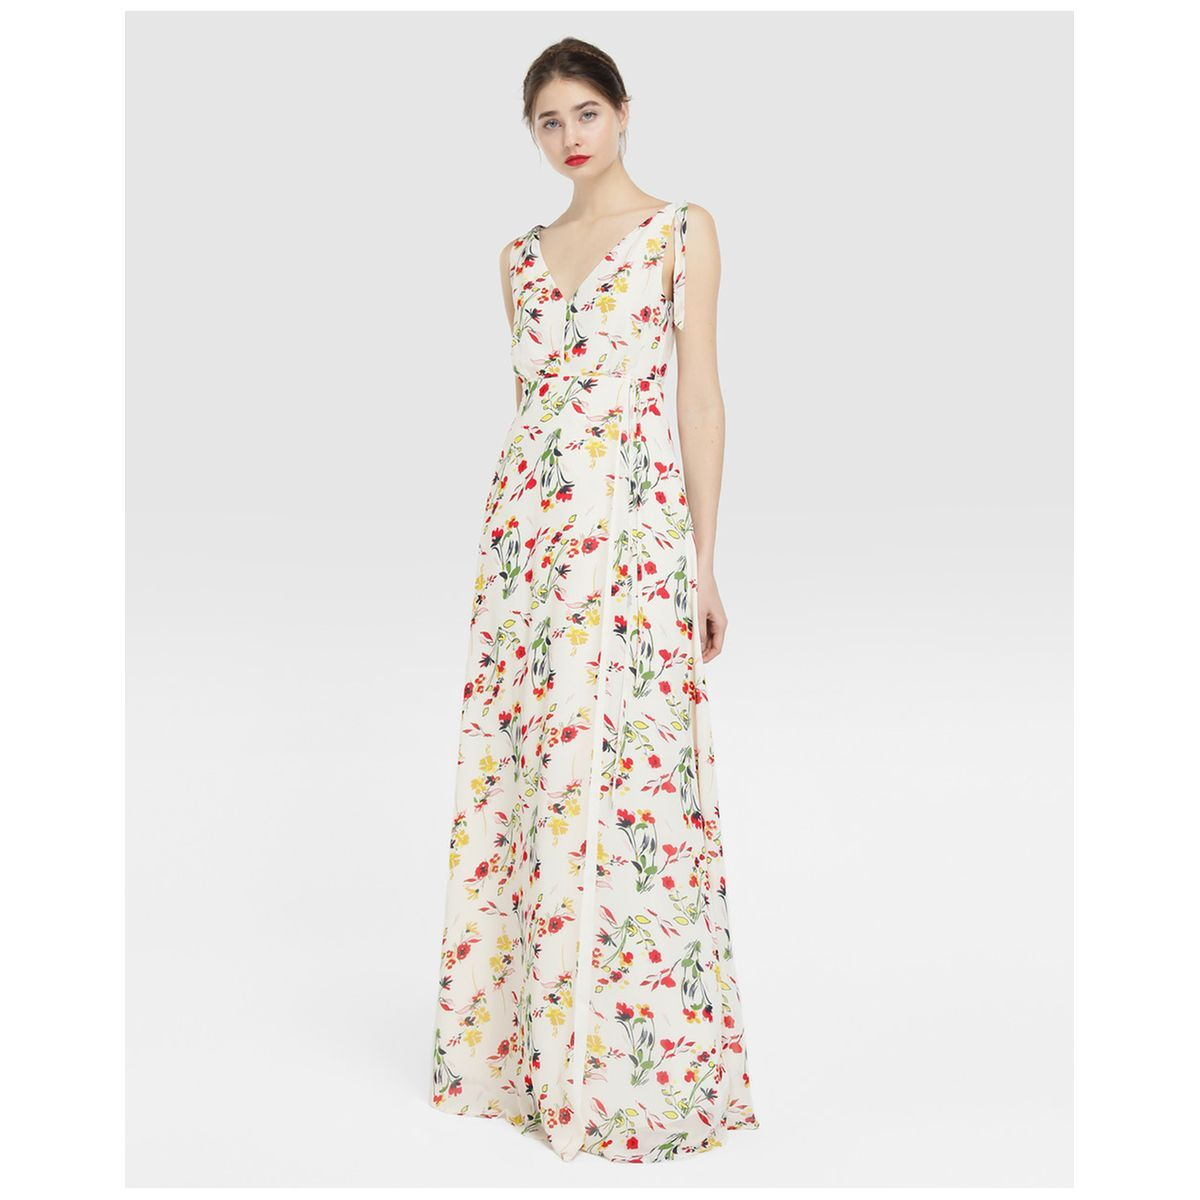 Libolly r2   Robe longue naf naf, Idées vestimentaires et